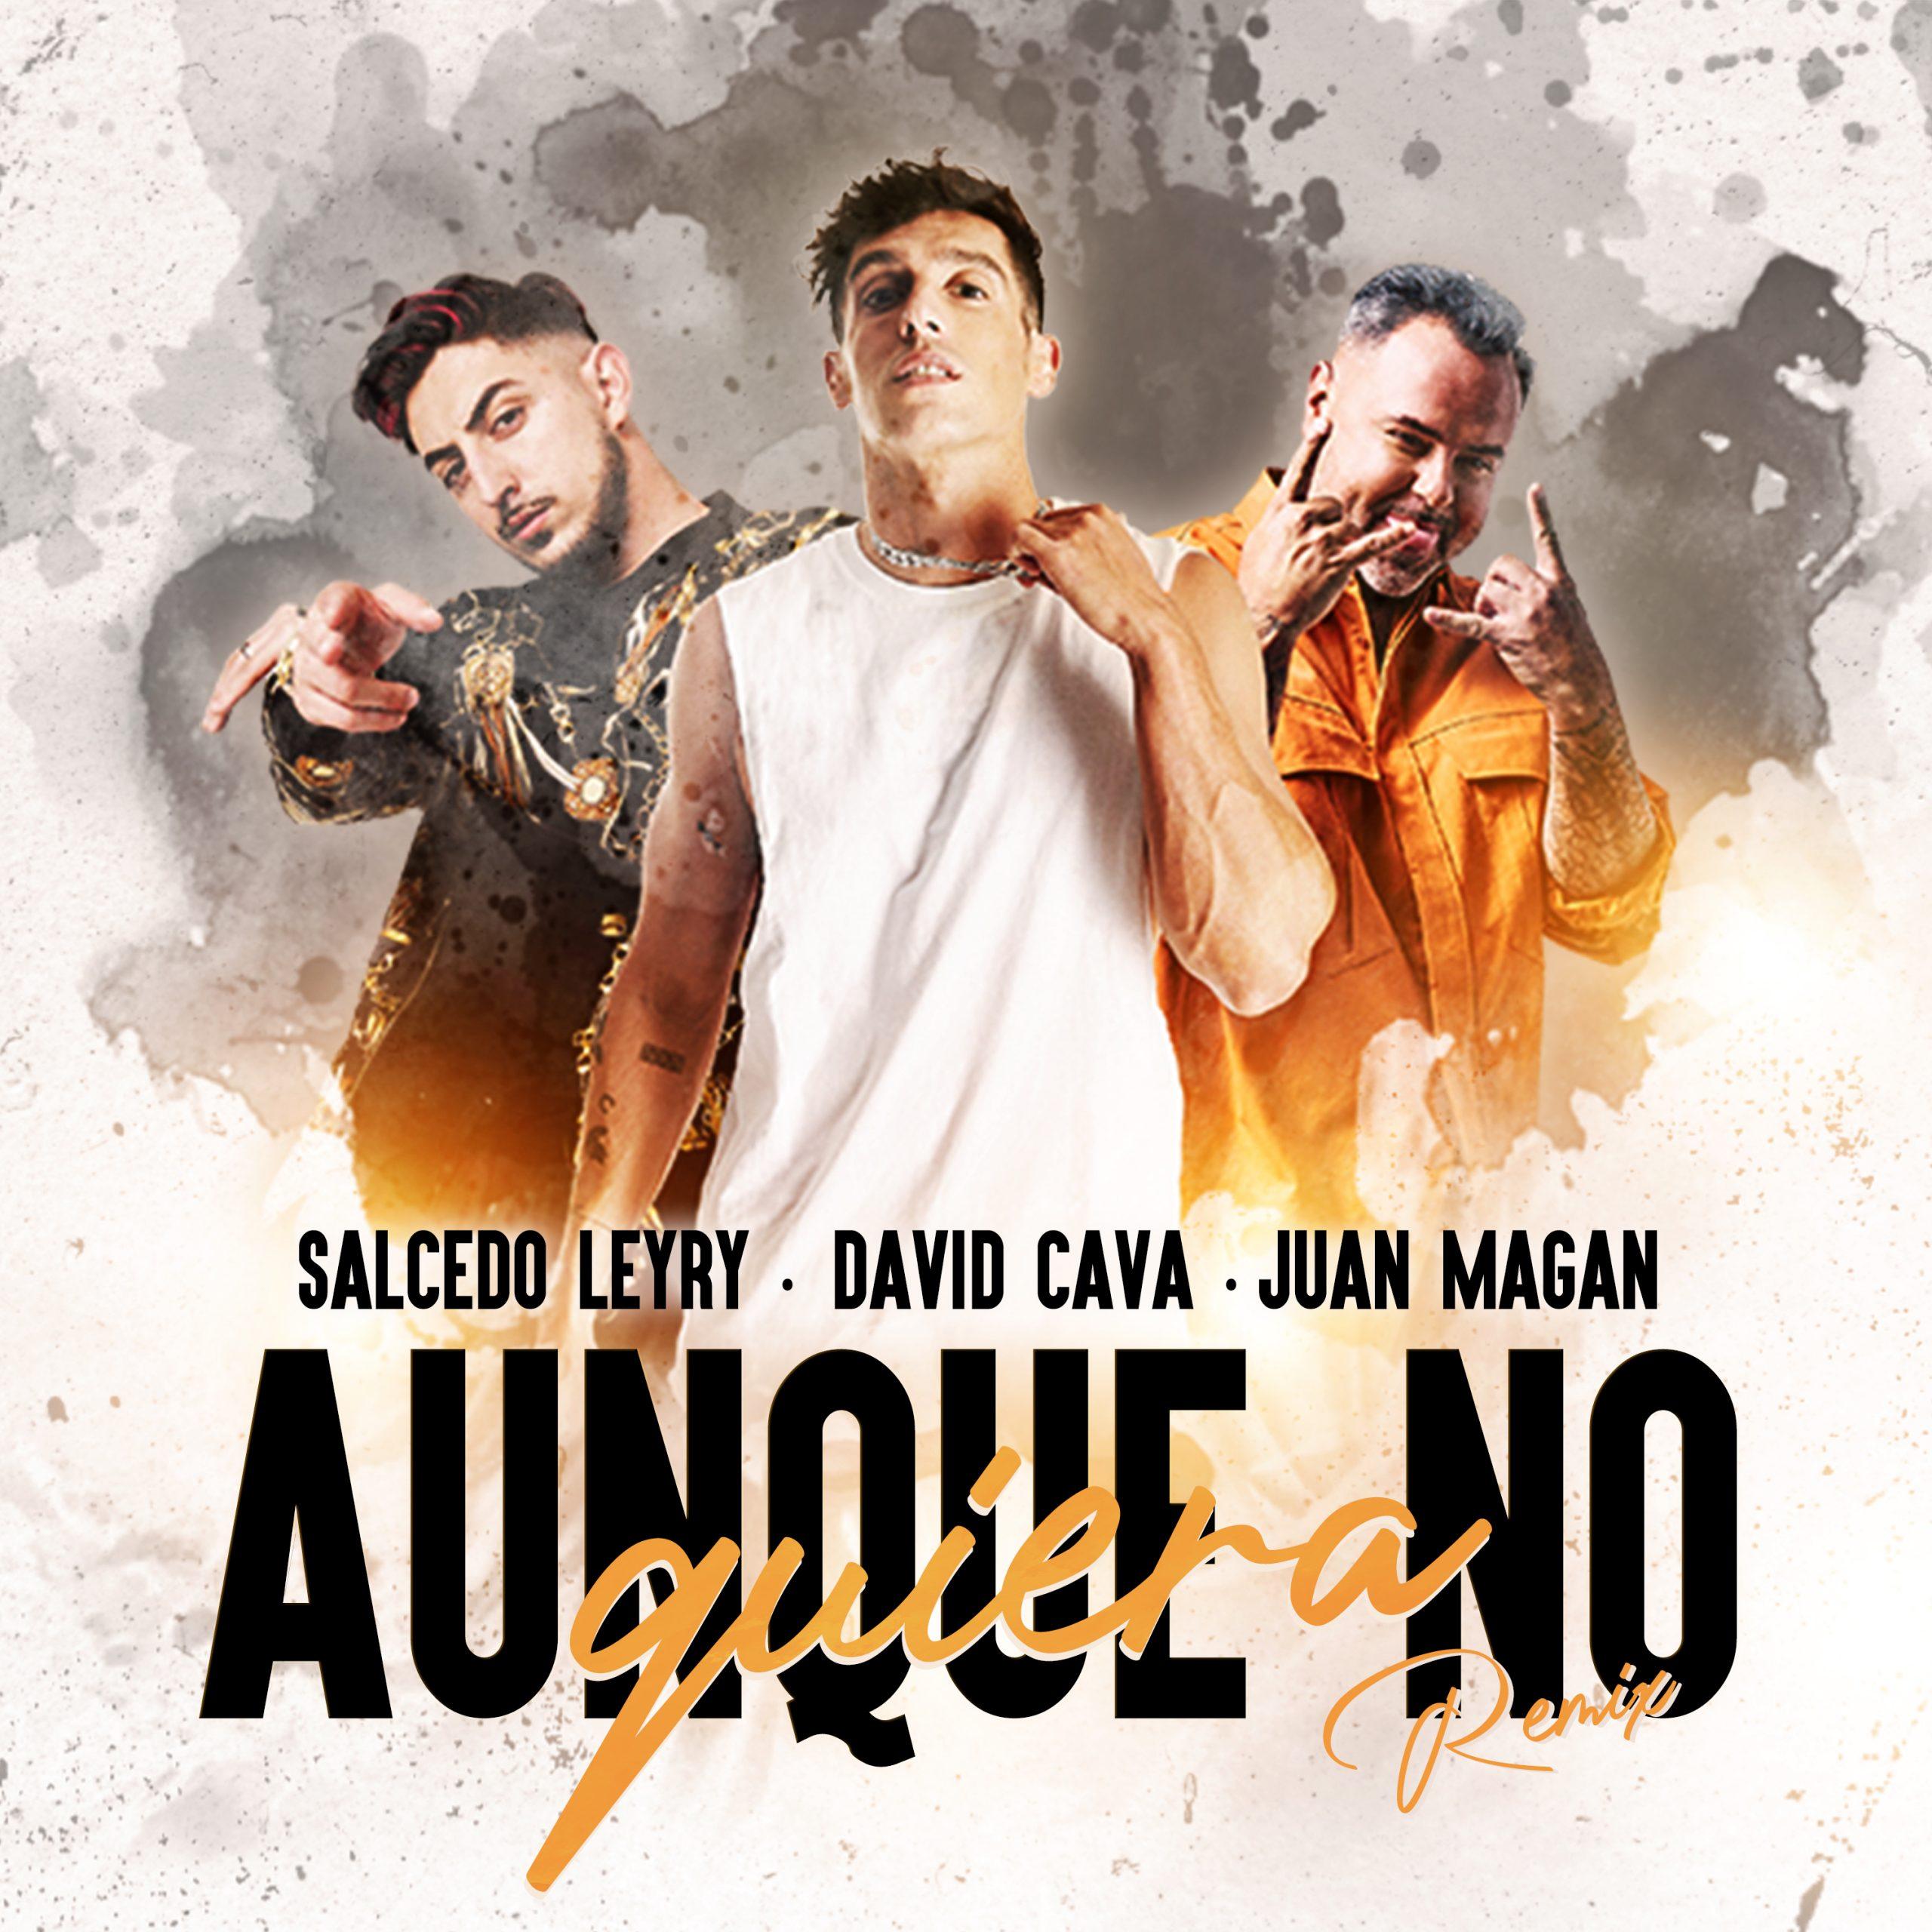 David Cava ft Juan Magan x Salcedo Leyry - Aunque No Quiera REMIX